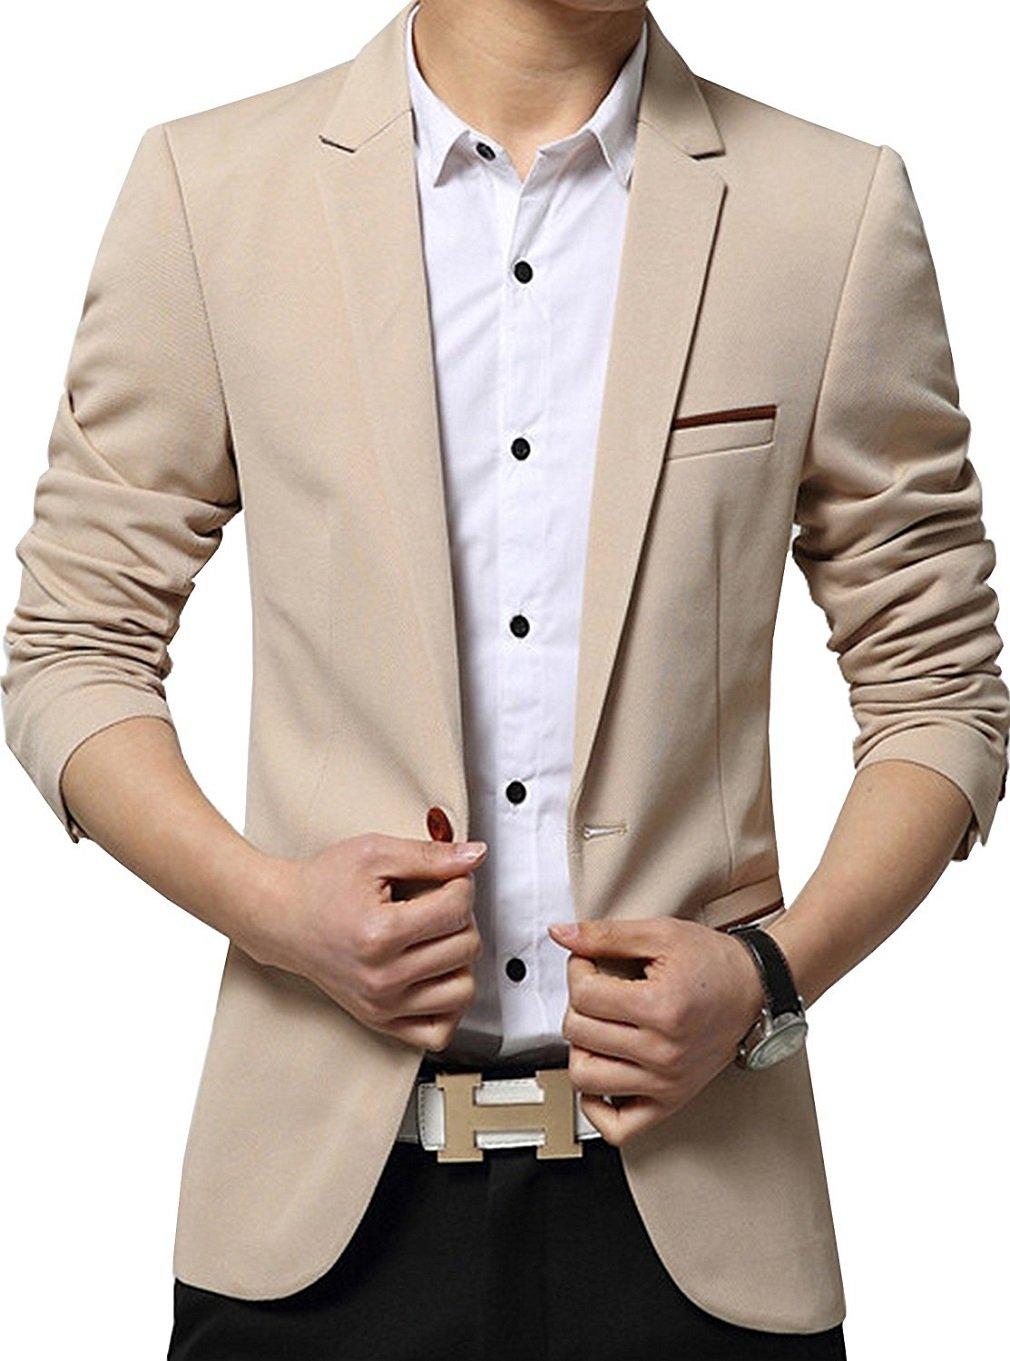 YIMANIE Mens Blazer Jacket Slim Fit Casual Single One Button Premium Lightweight Blazer Coat Khaki Small by YIMANIE